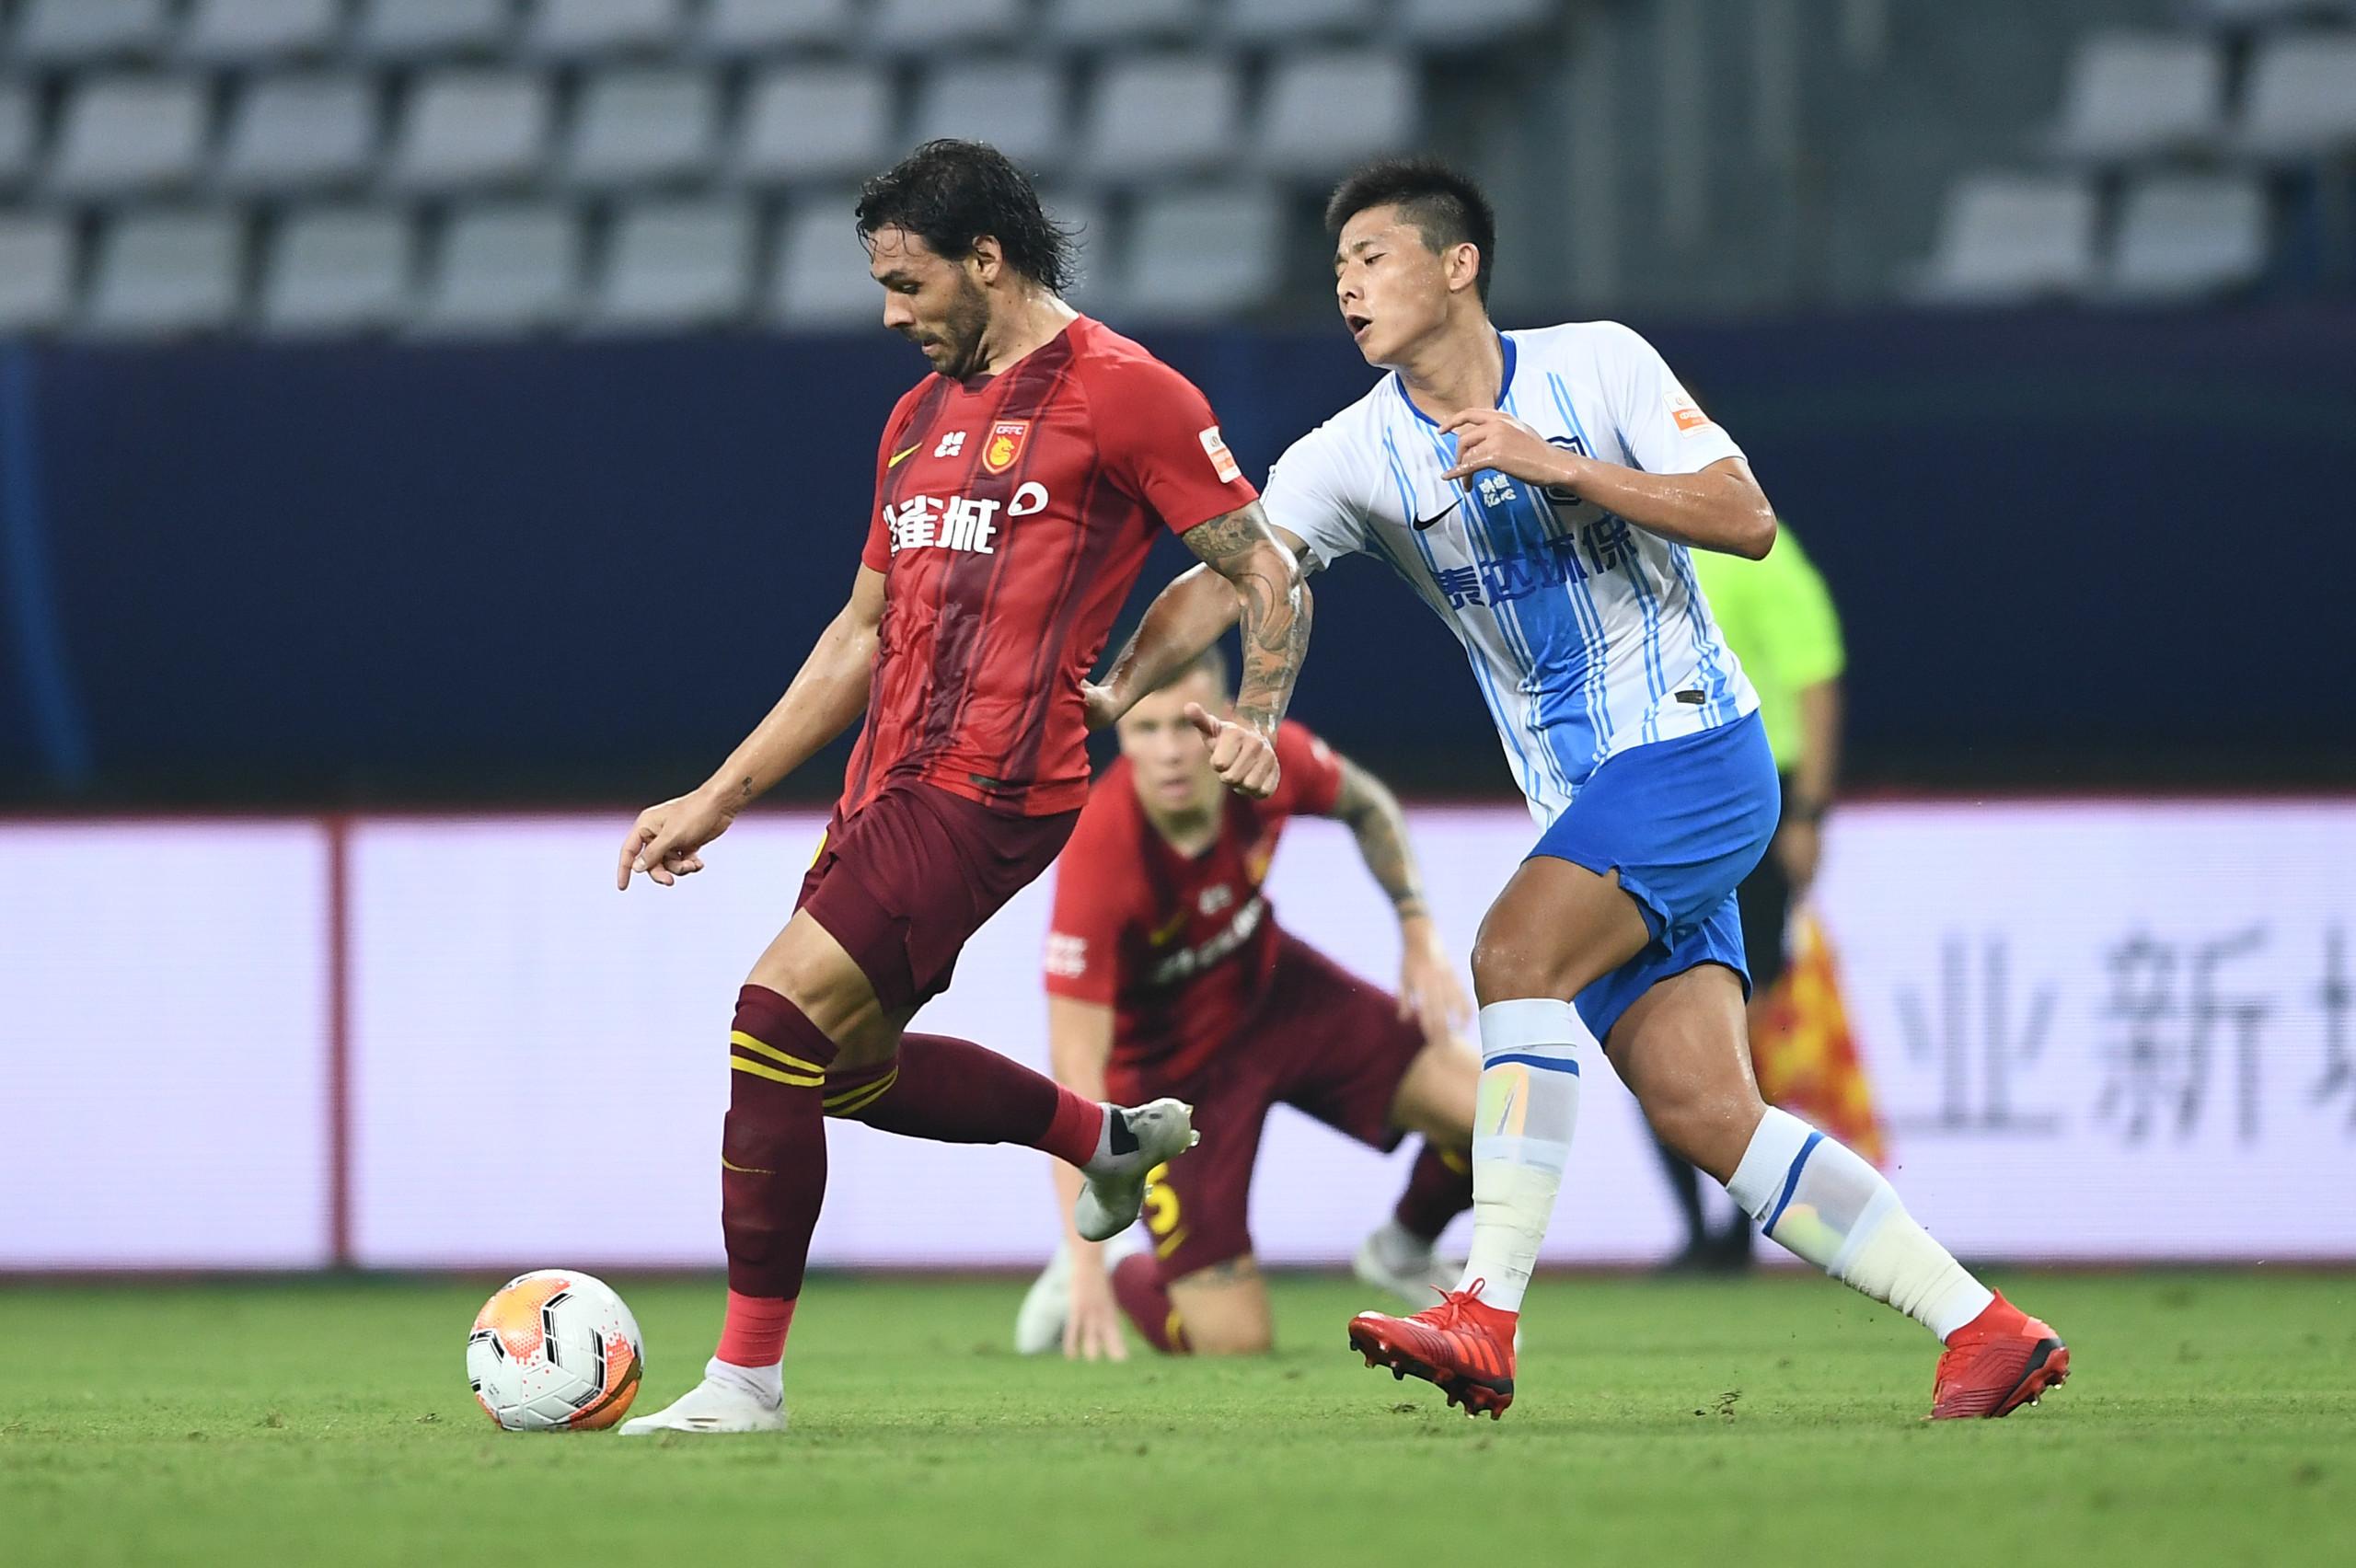 半场:高拉特破门阿奇姆彭伤退,华夏幸福2-0泰达